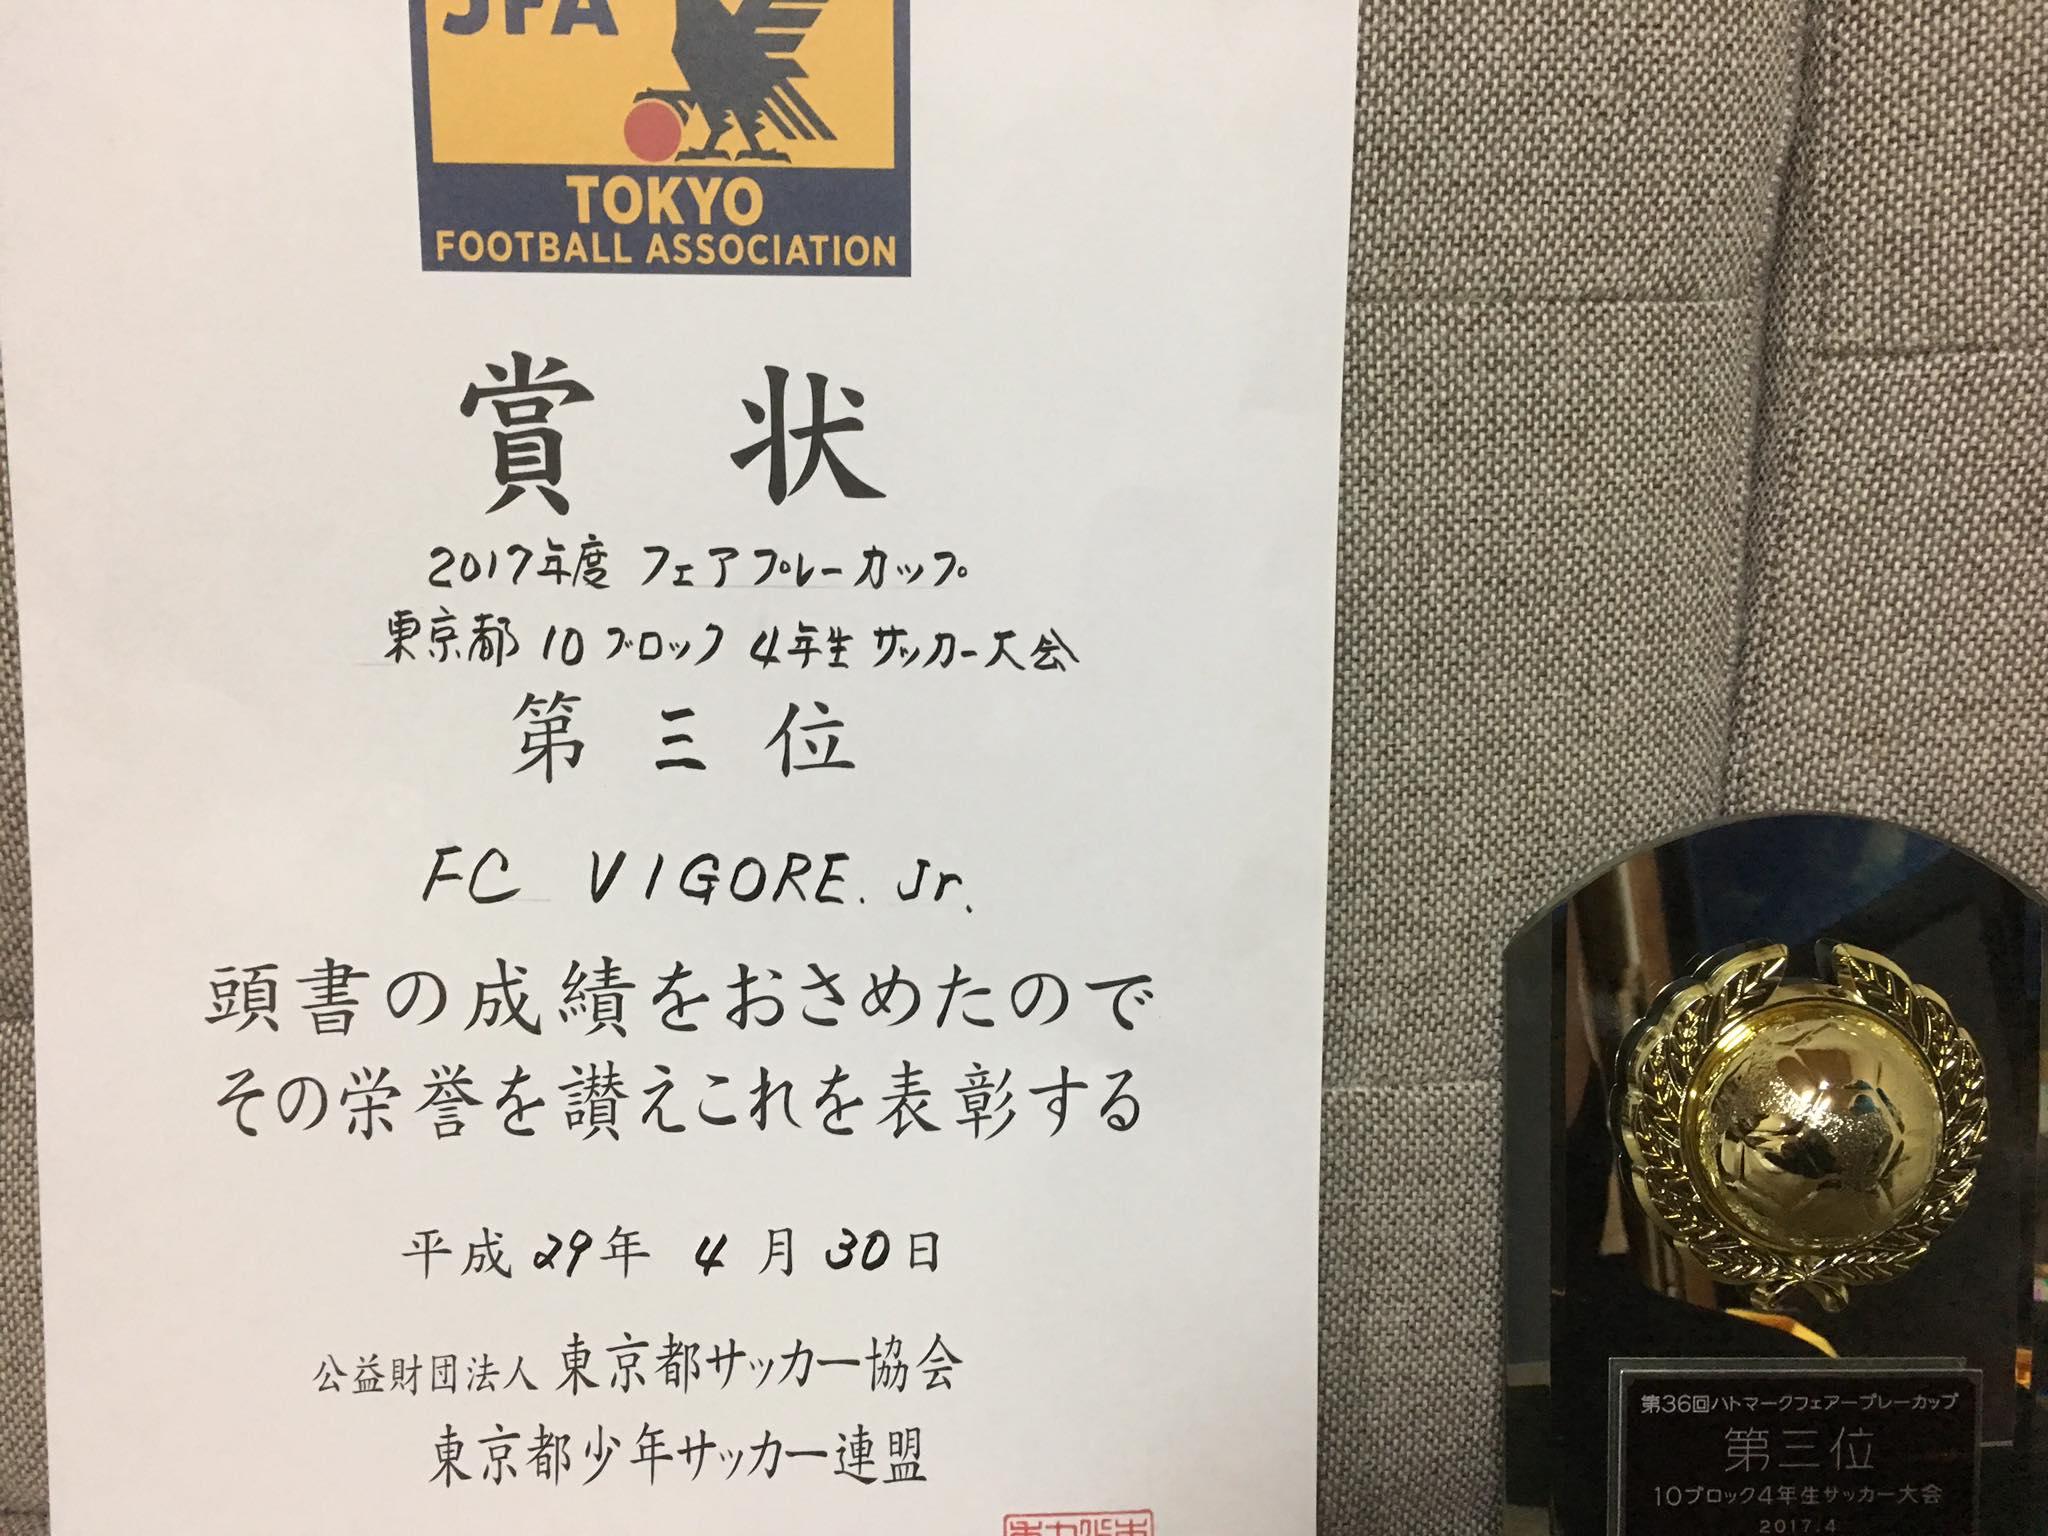 フェアプレーカップ10ブロック大会 立川Jr4年生2